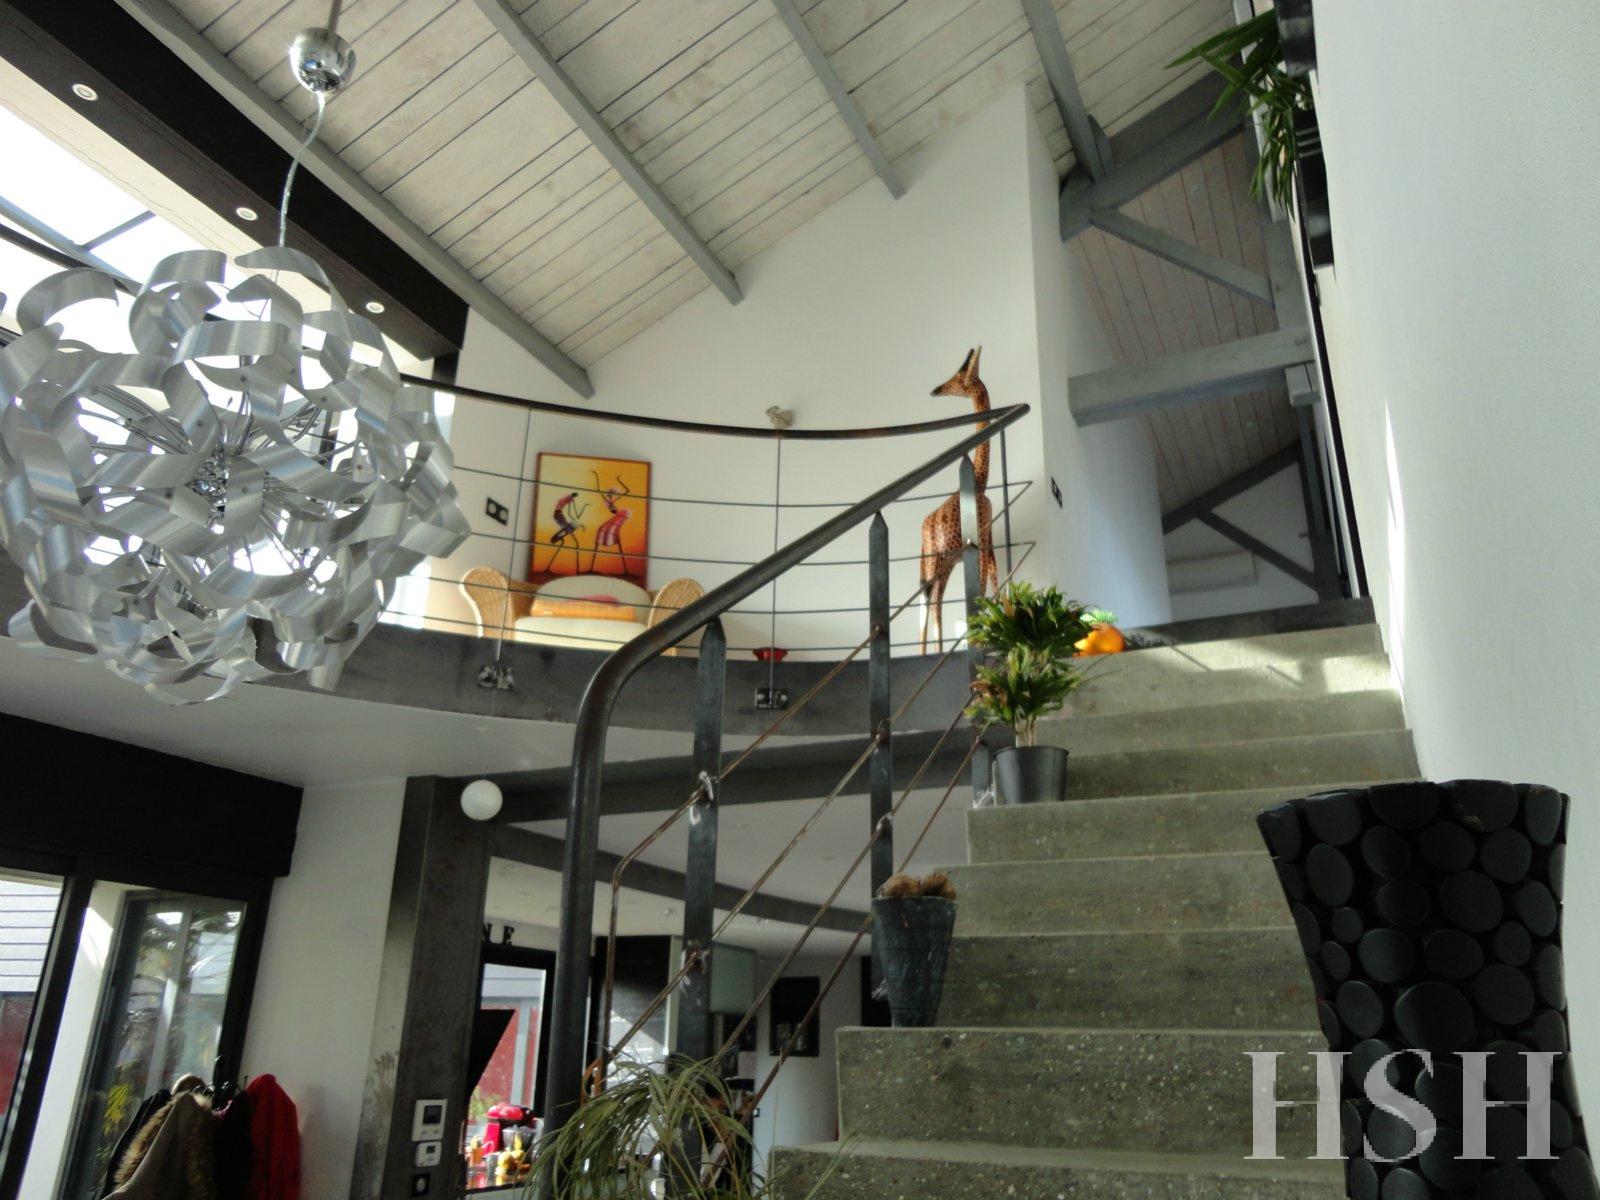 vente appartements maisons et villas la rochelle l 39 houmeau et environs. Black Bedroom Furniture Sets. Home Design Ideas